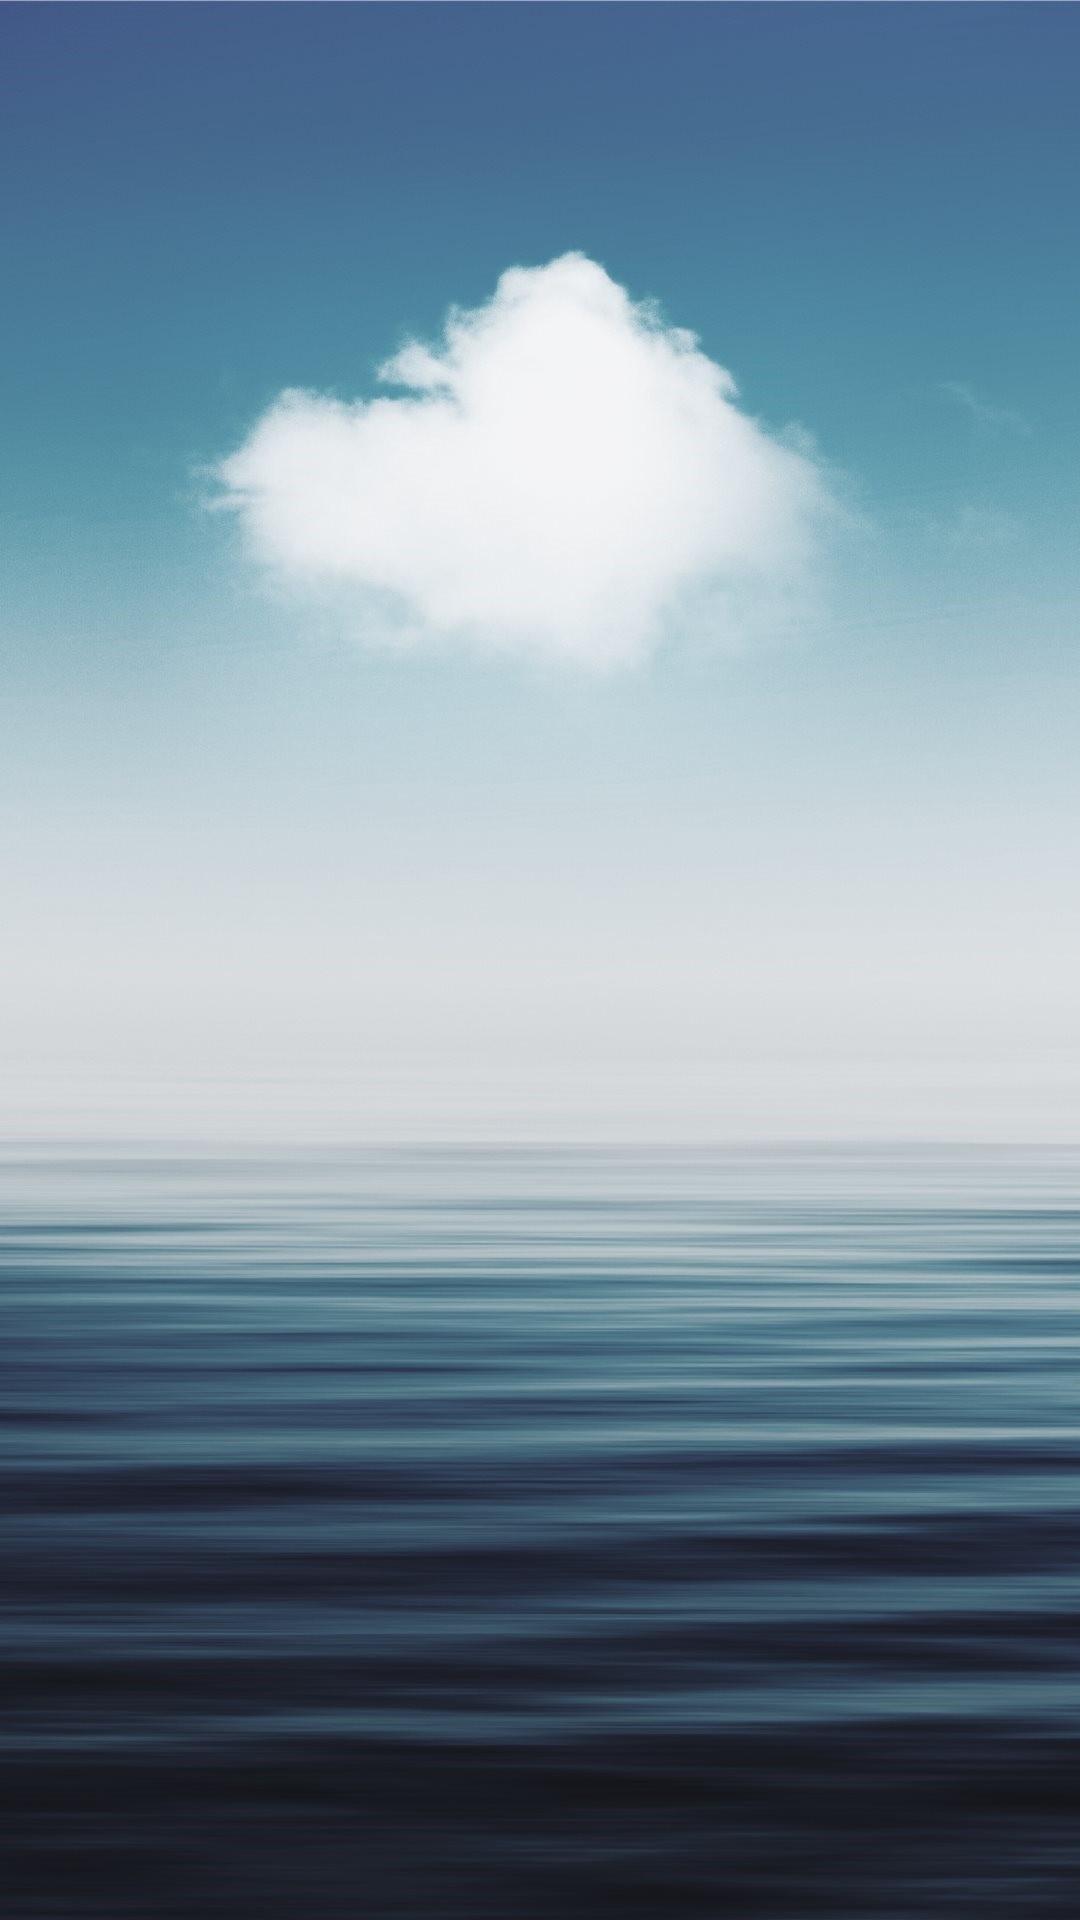 Calming iphone 5 wallpaper